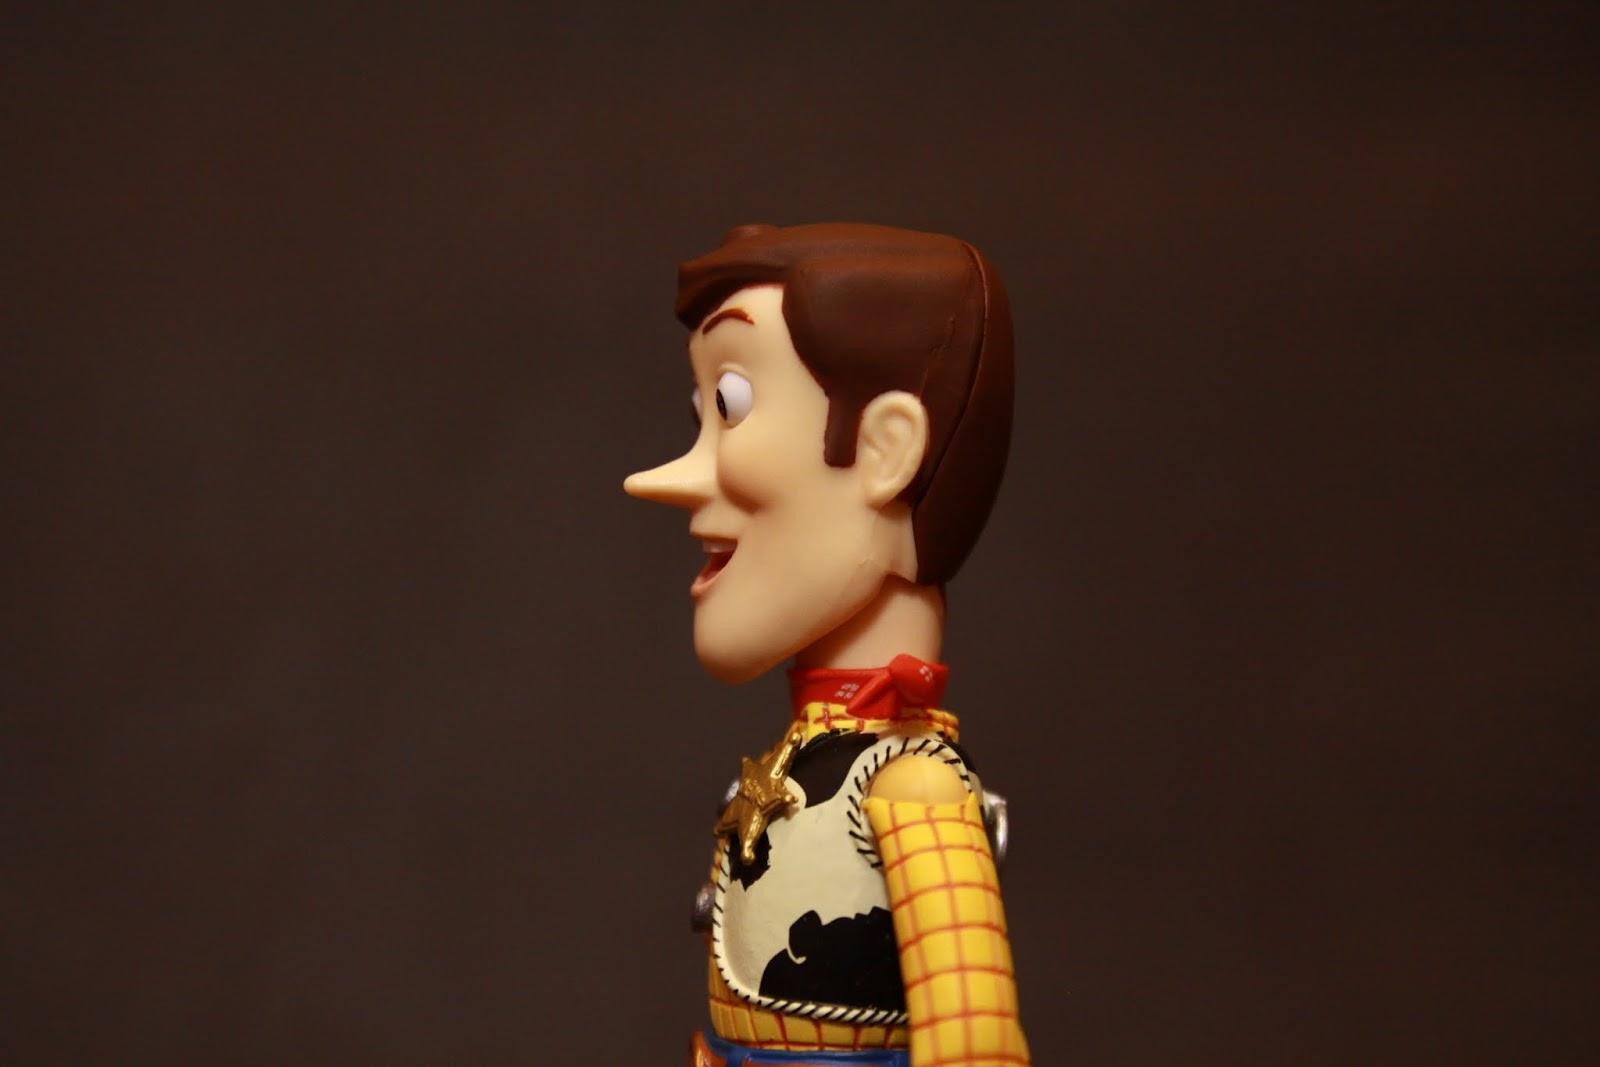 這是本款的胡迪(縮水的) 呃~先生 你哪位? cosplay不是在這邊喔 雖然你衣服很像胡迪 但是你的鼻子也太長了!是在演木偶奇遇記咩? 還有那下巴! 你是要唱愛相隨了咩? 這頭雕品管竟然可以過耶! 難道迪士尼也墮落了咩?